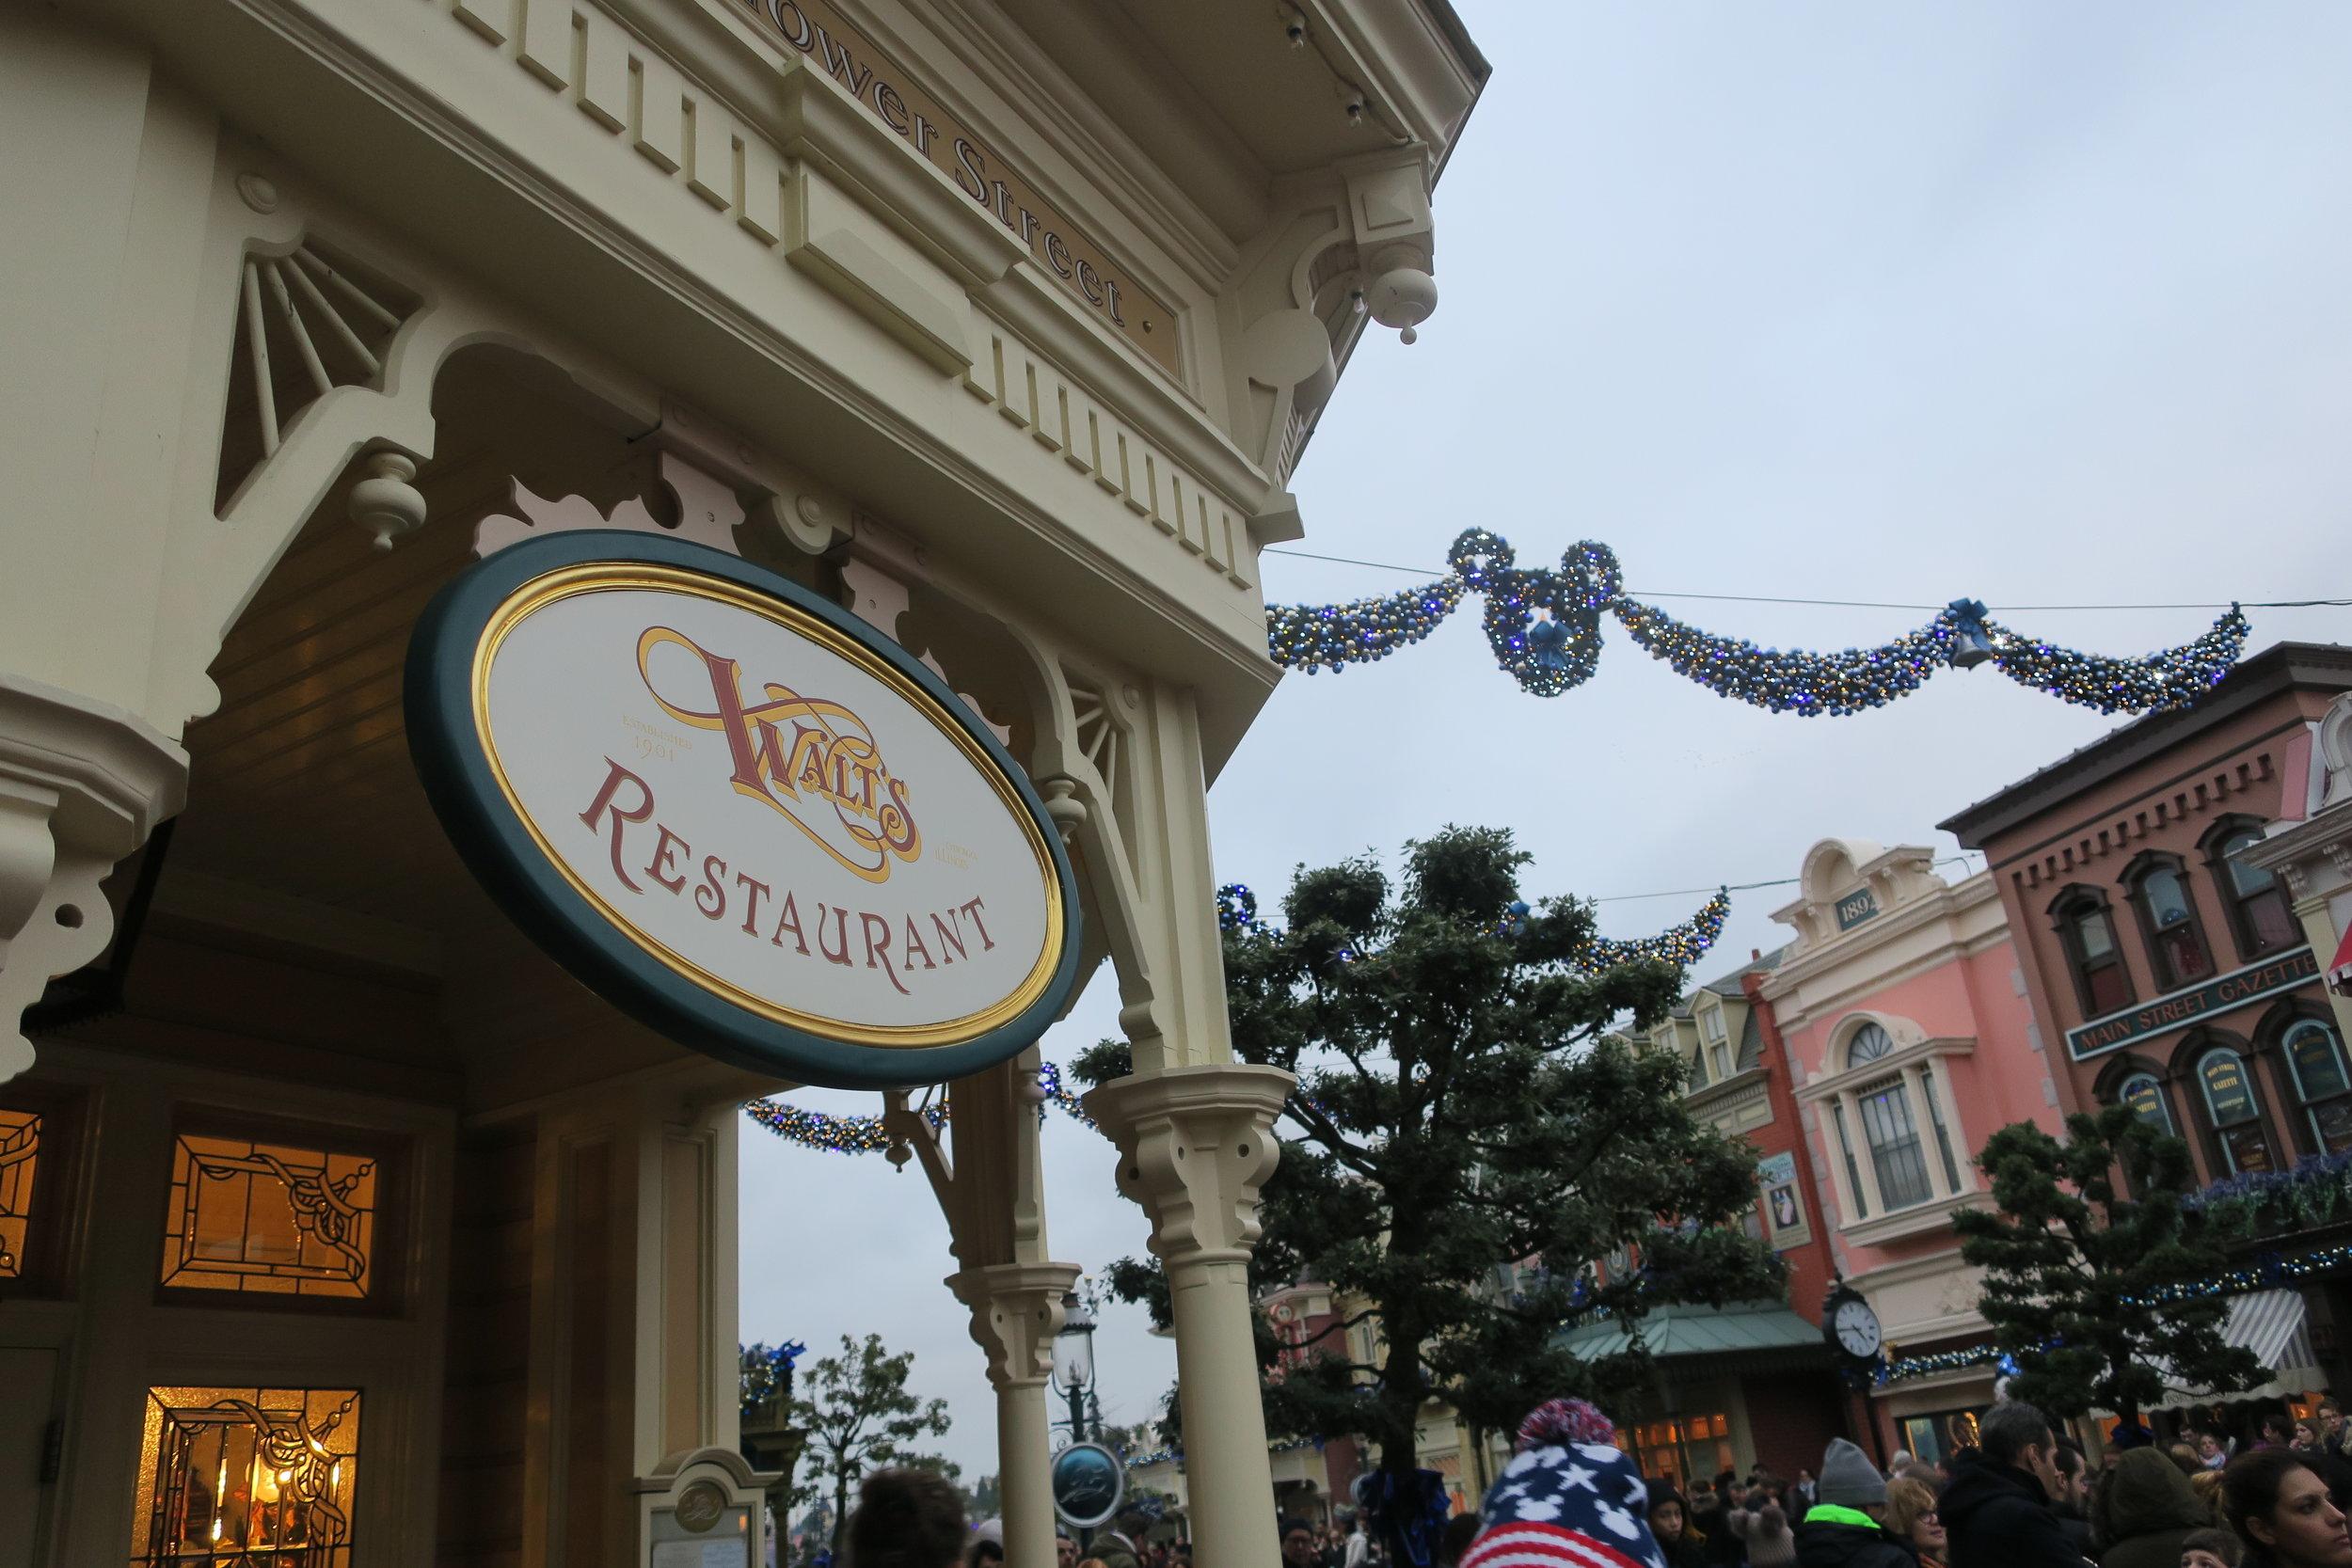 a entrada do restaurante Walts.